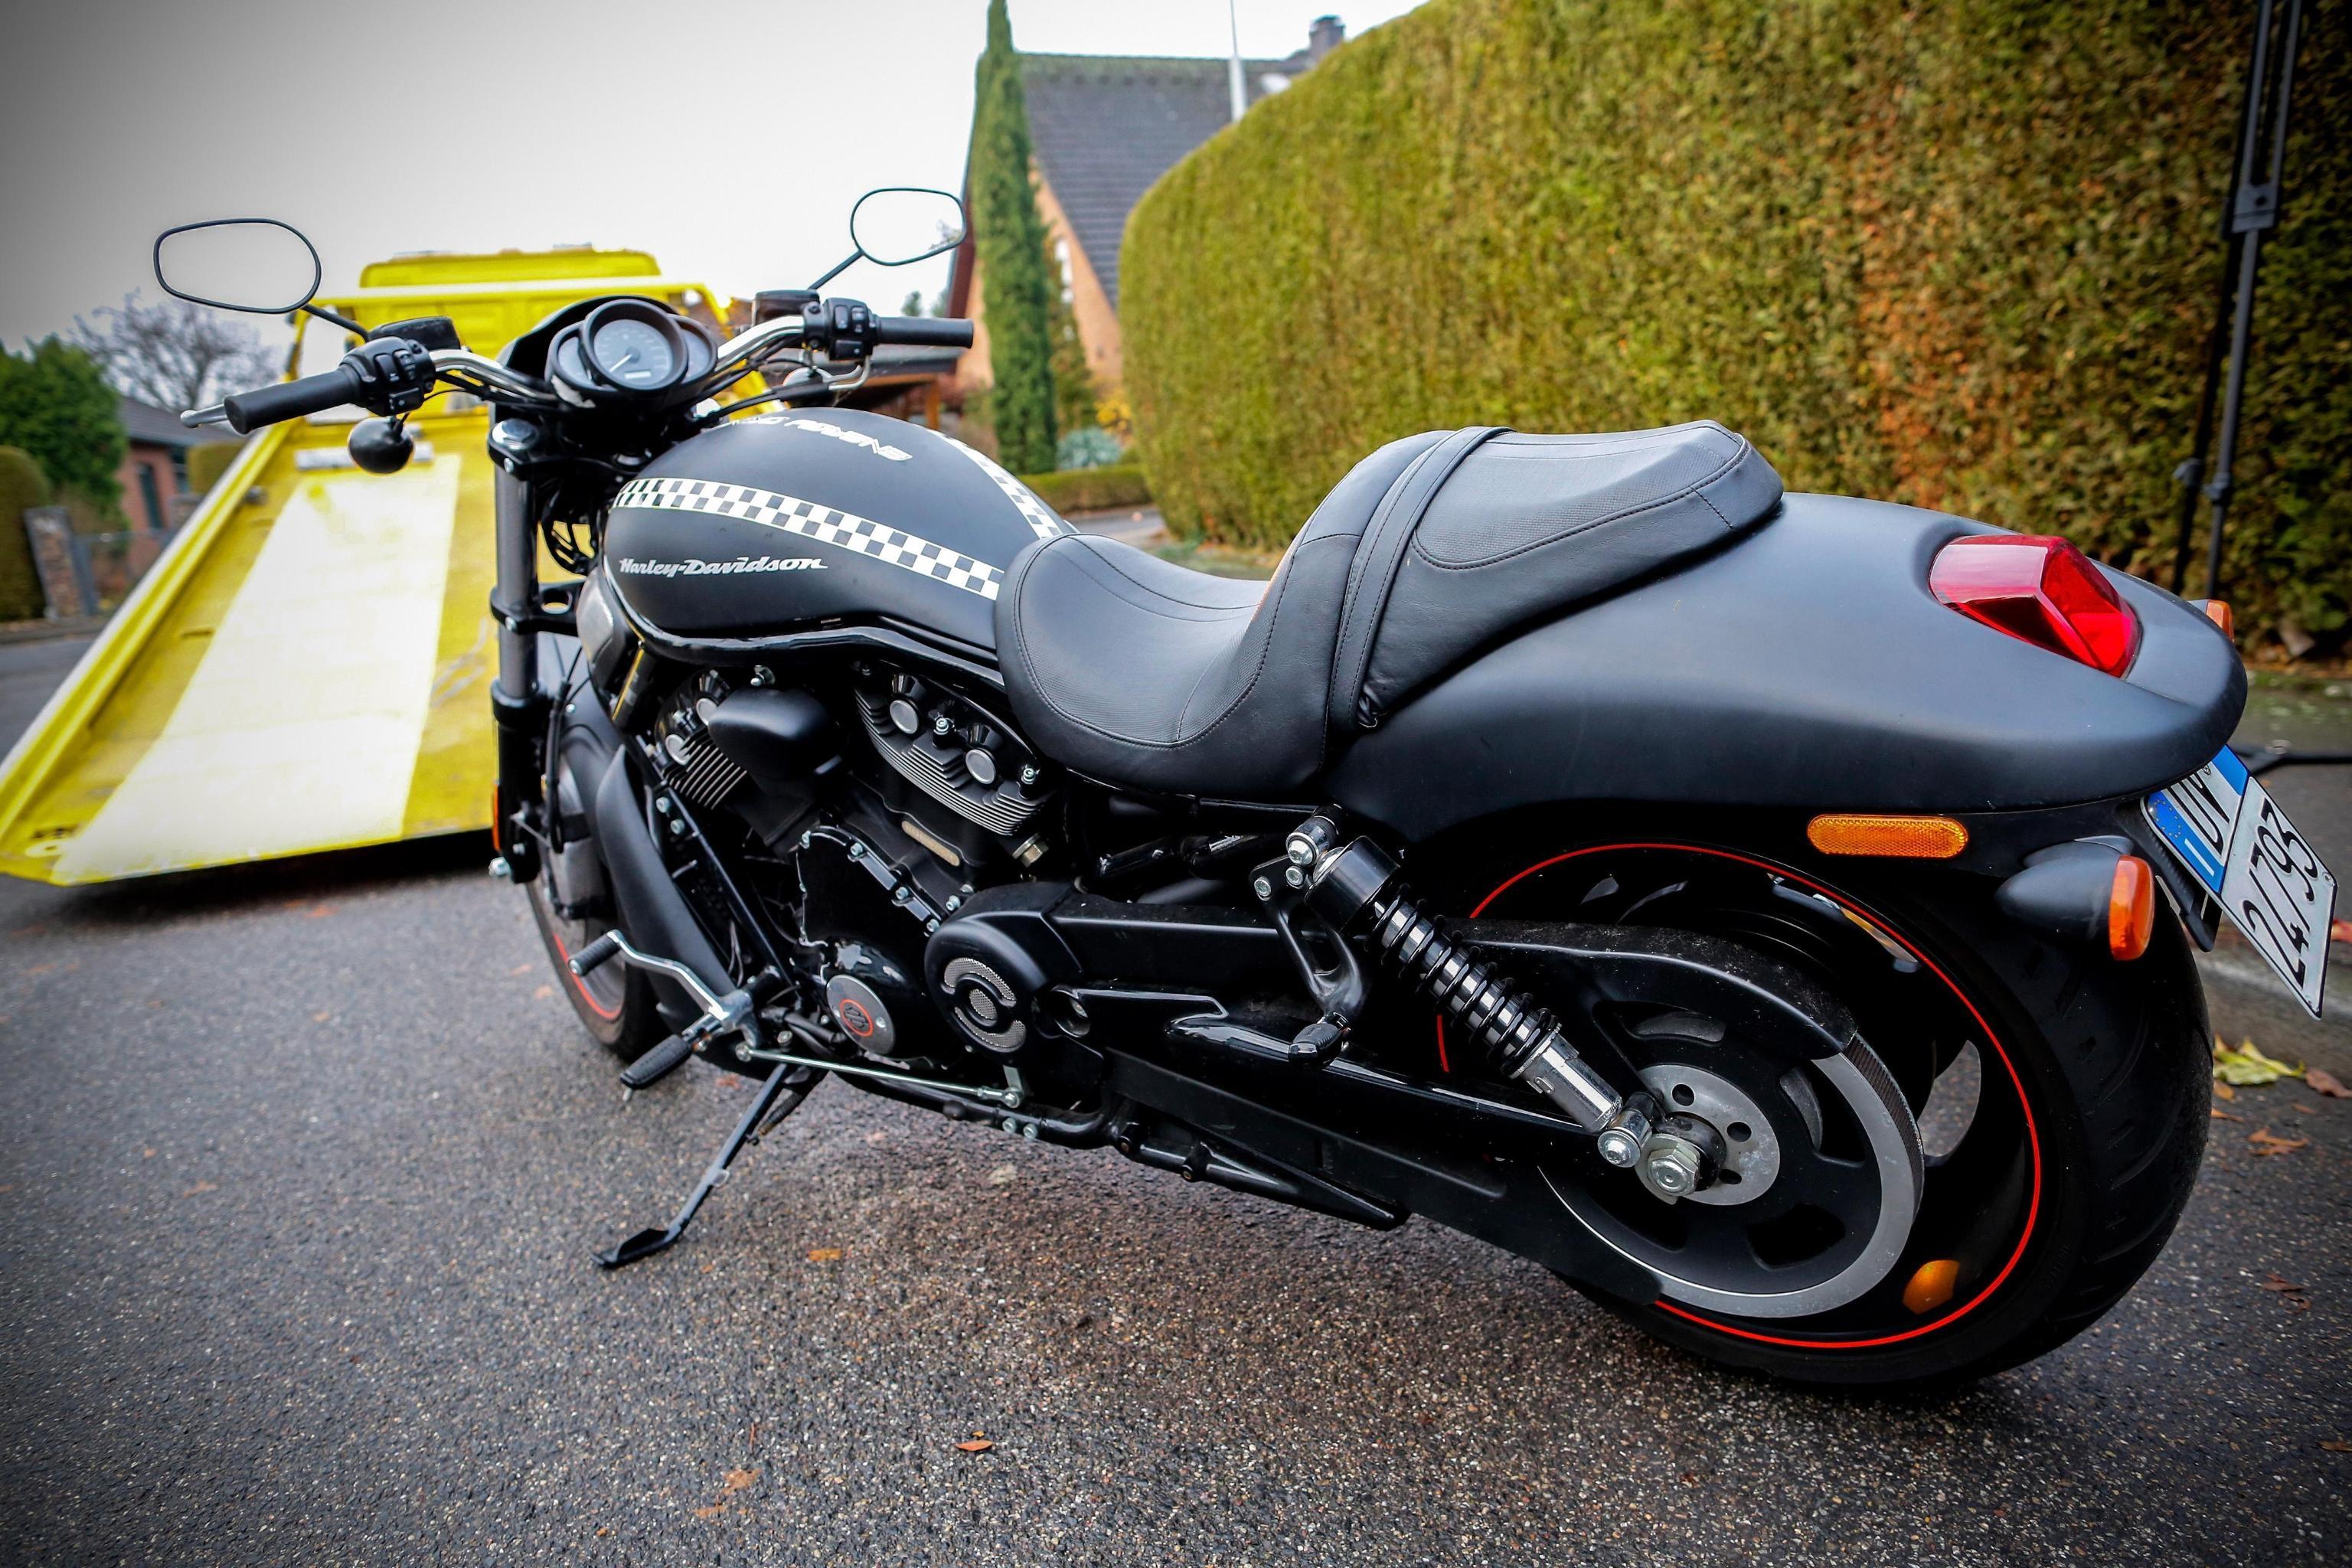 Una motocicletta confiscata dalla polizia tedesca durante il raid a Pulheim